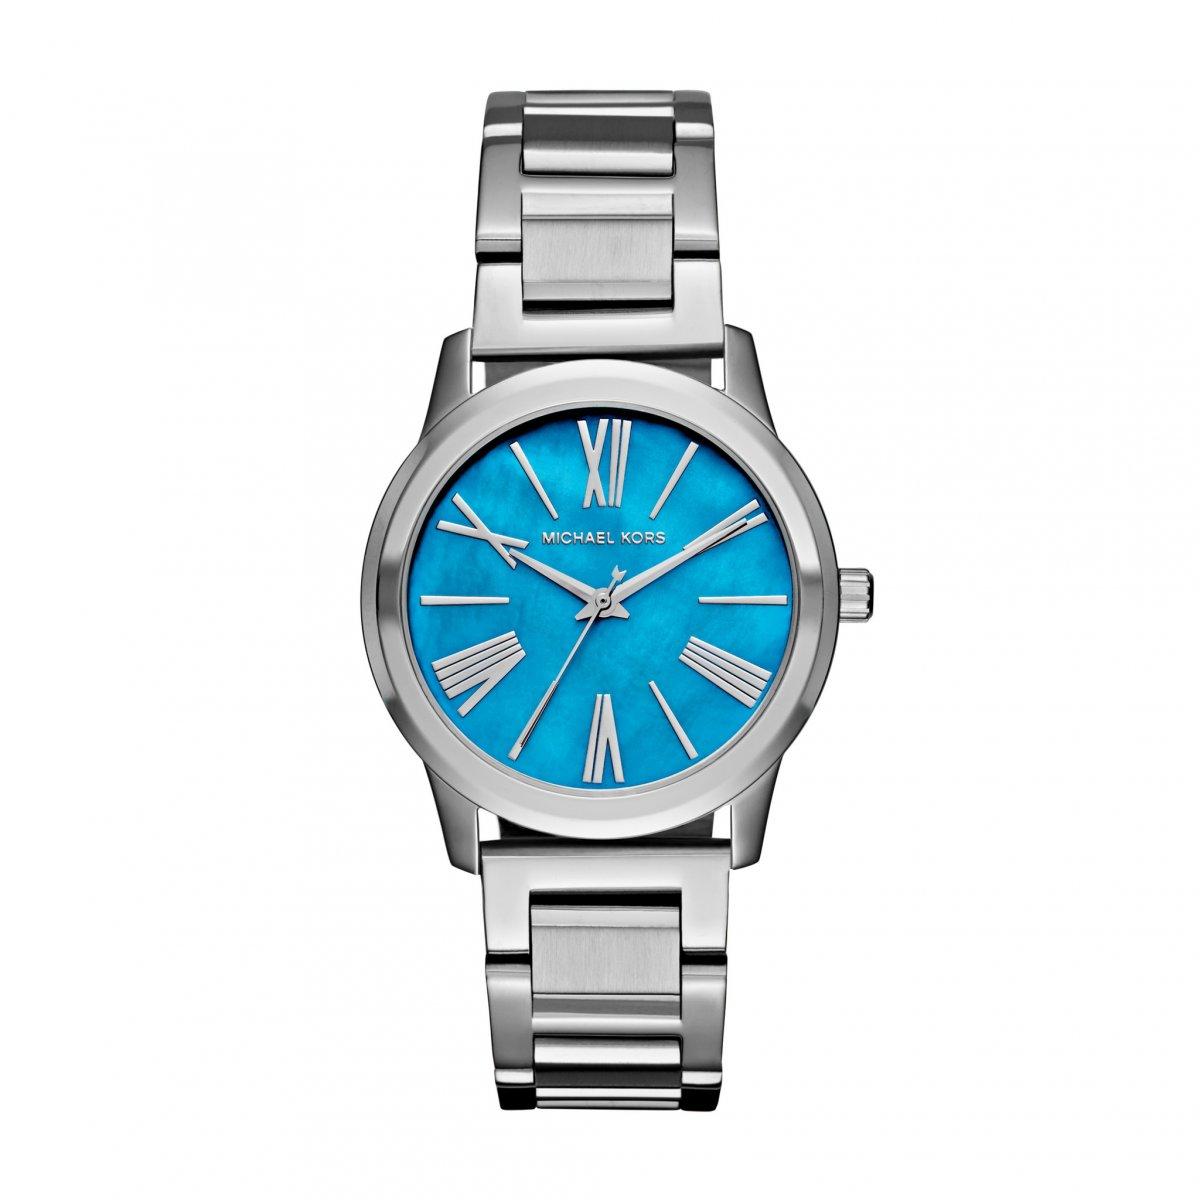 Strieborné hodinky MICHAEL KORS s modrým ciferníkom MK3519  4a103f9951